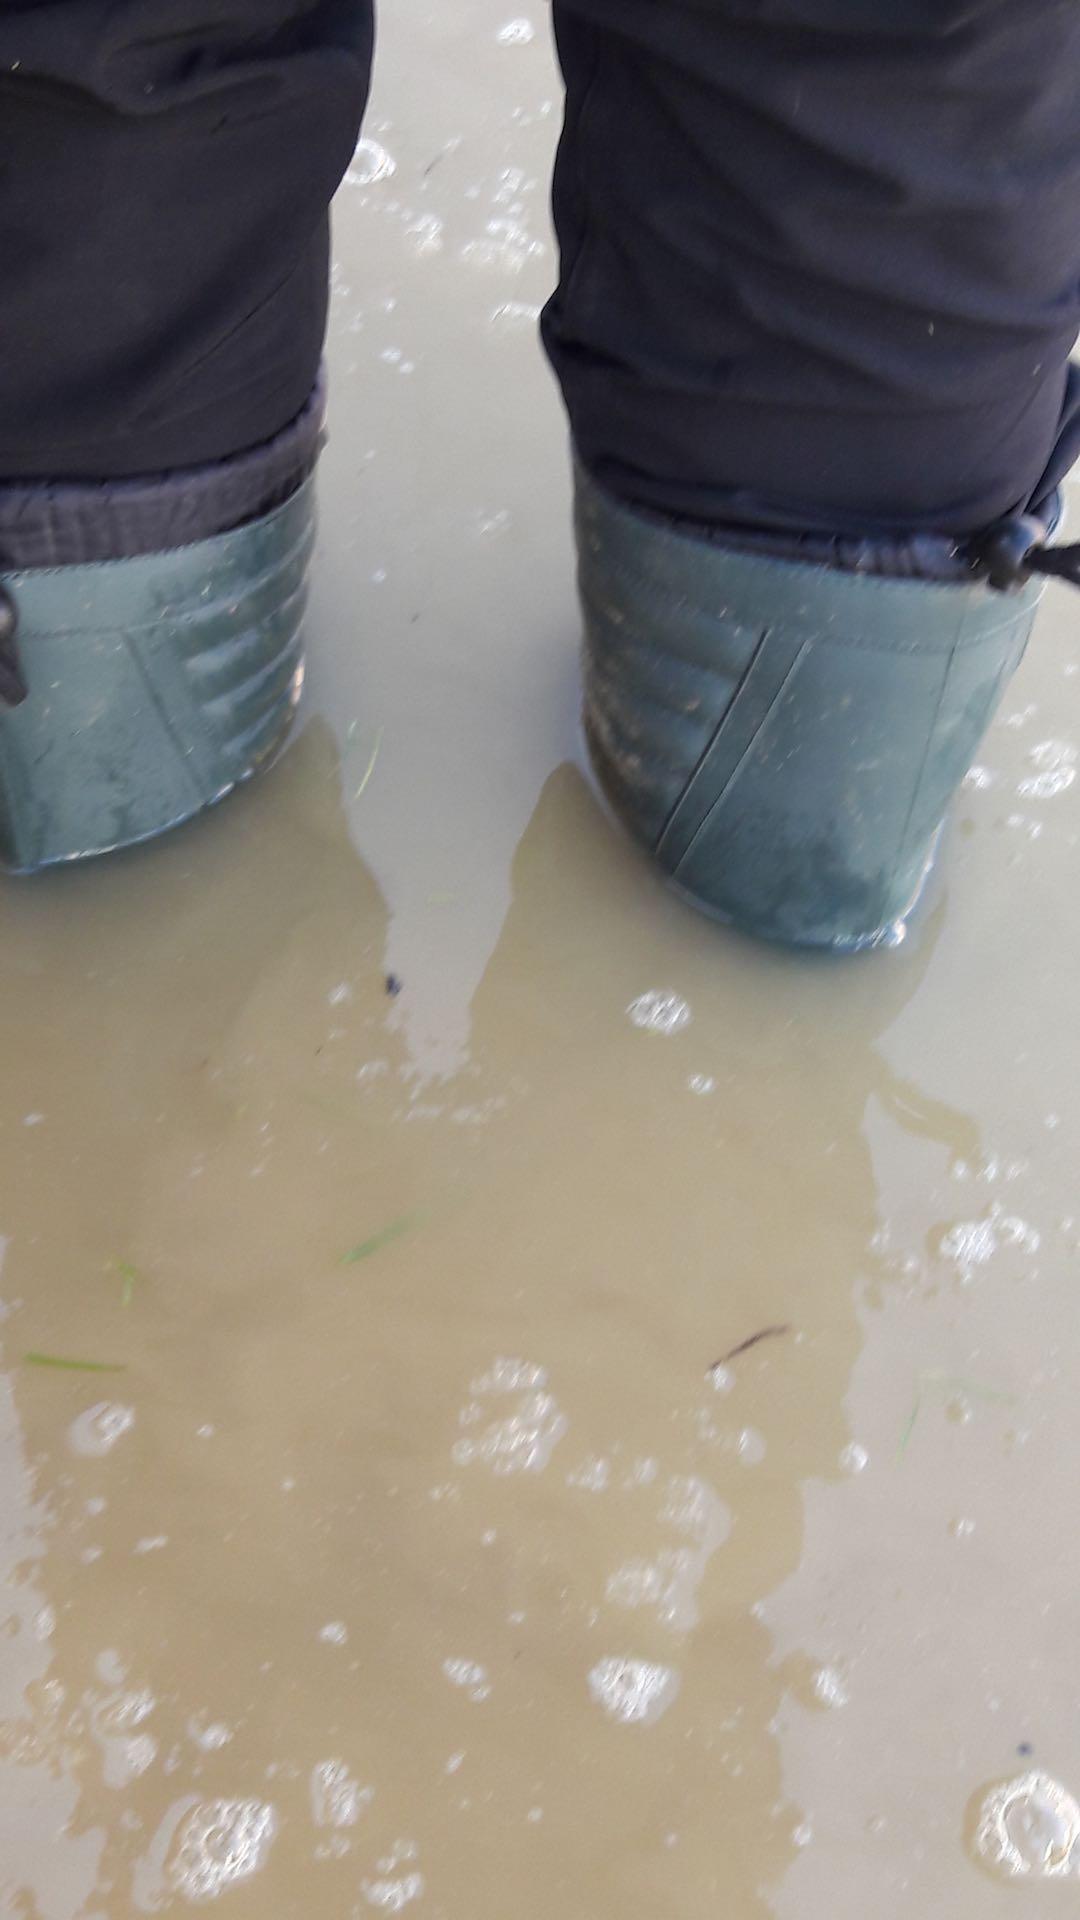 30 cm víz gyűlt fel az utcán, kb 40 cm-nél átlépi a kerti kapunk és elönti a házat.